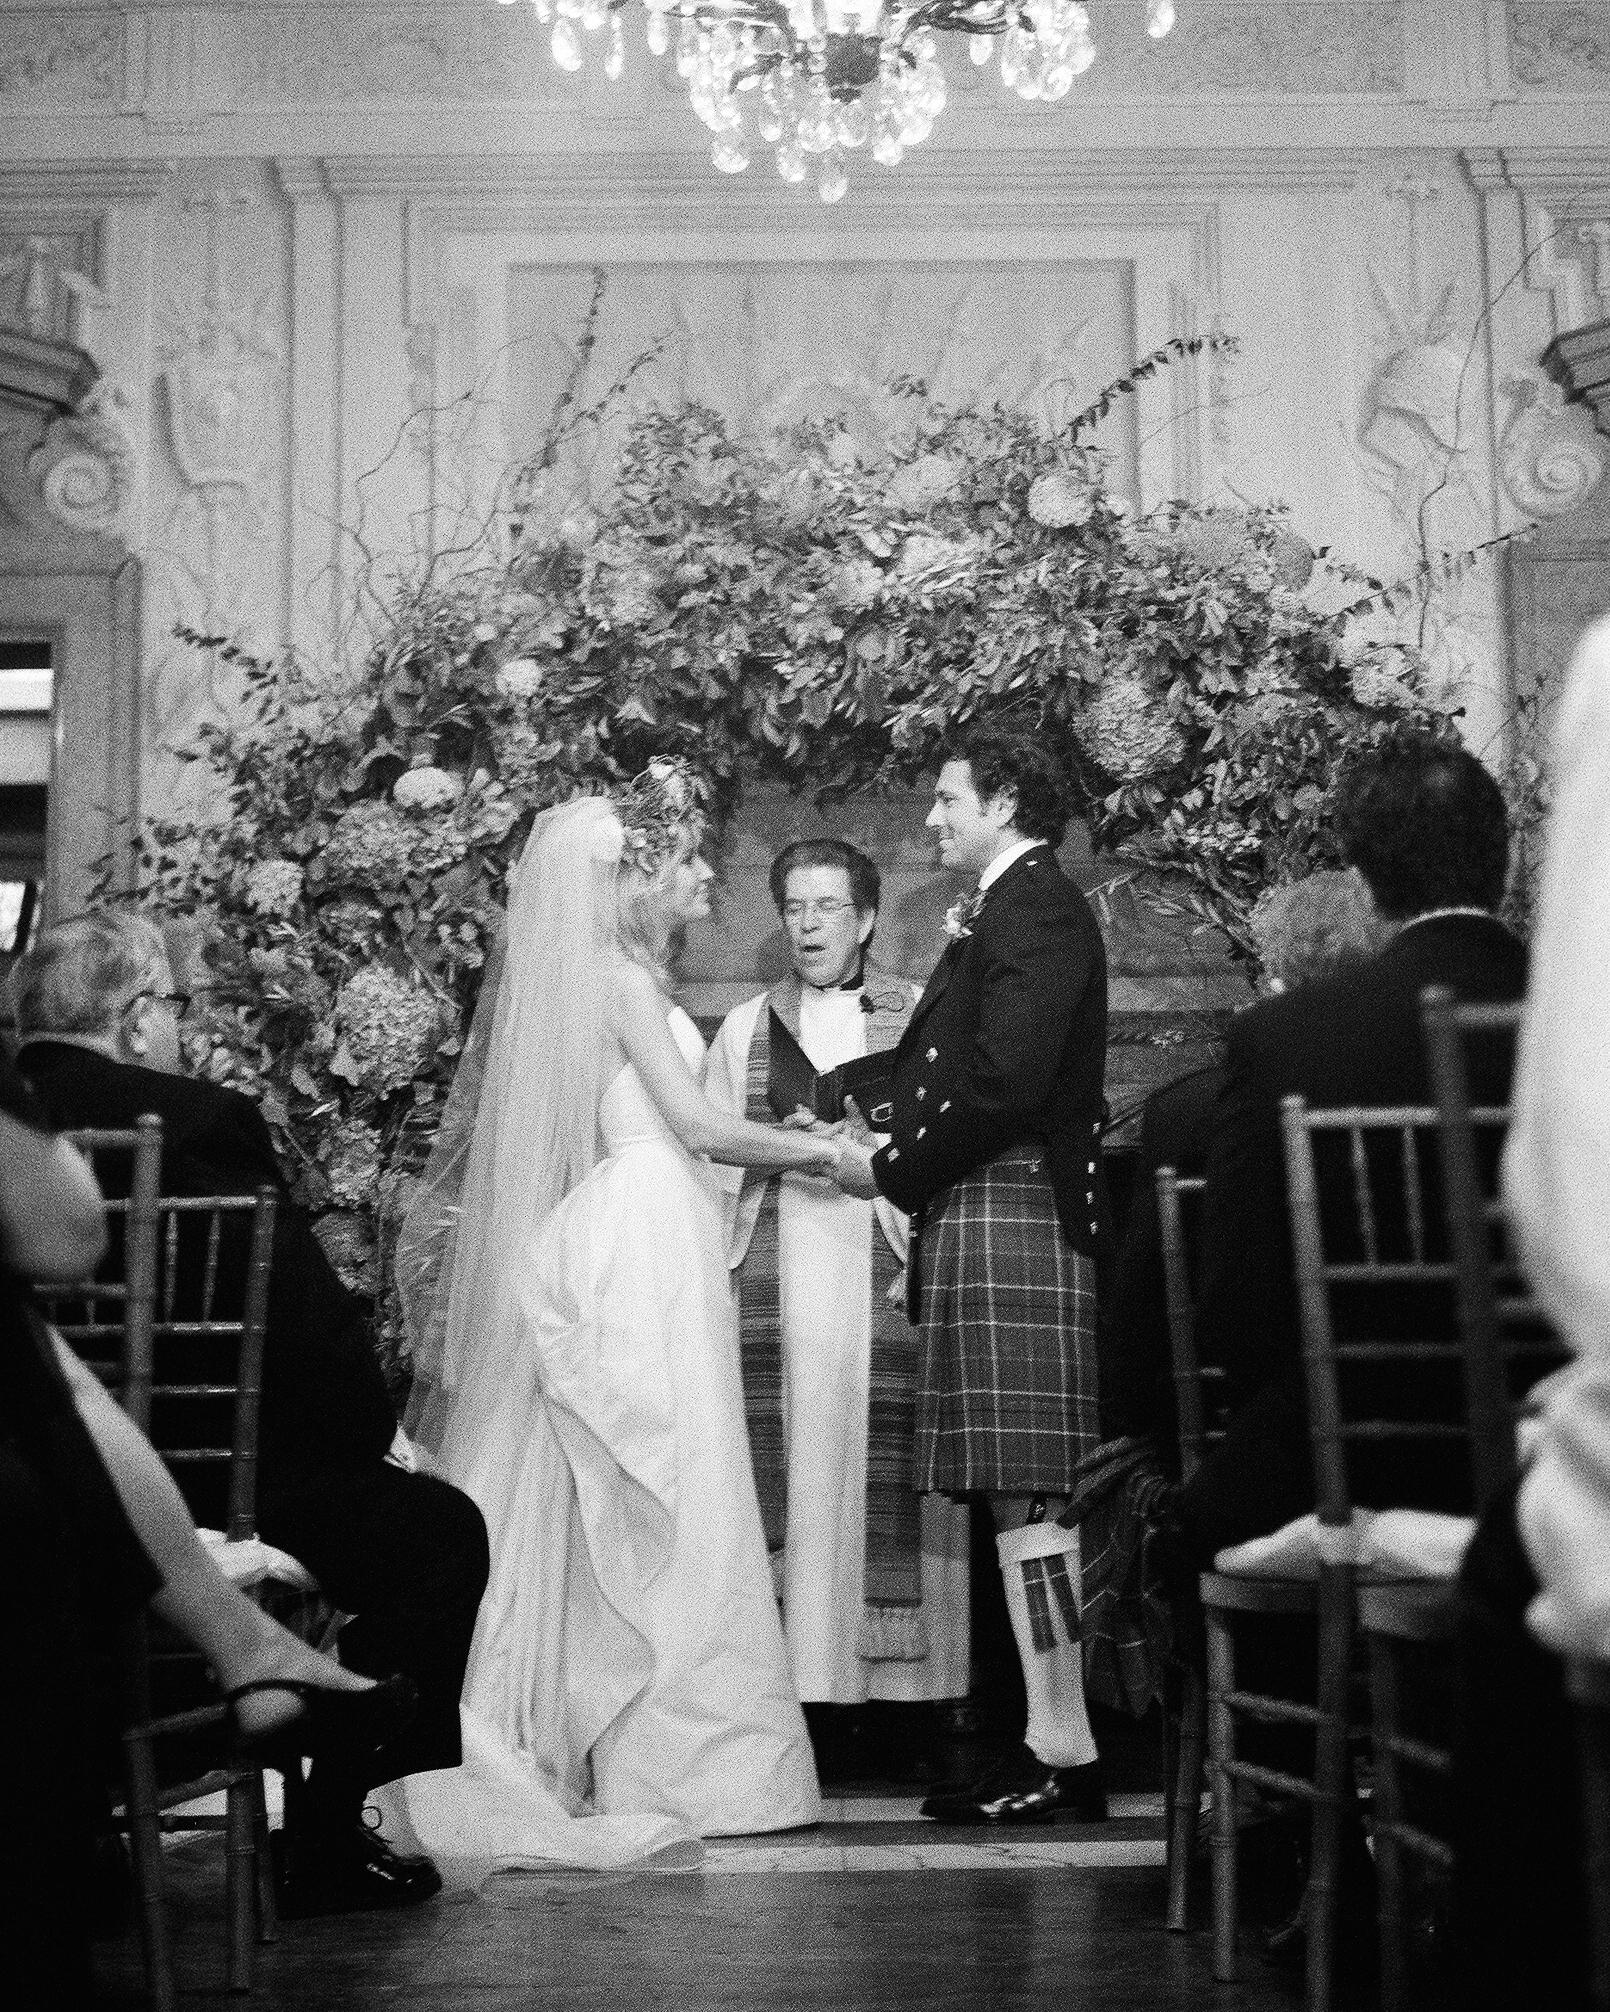 michelle-kimball-wedding-0046-s111580.jpg